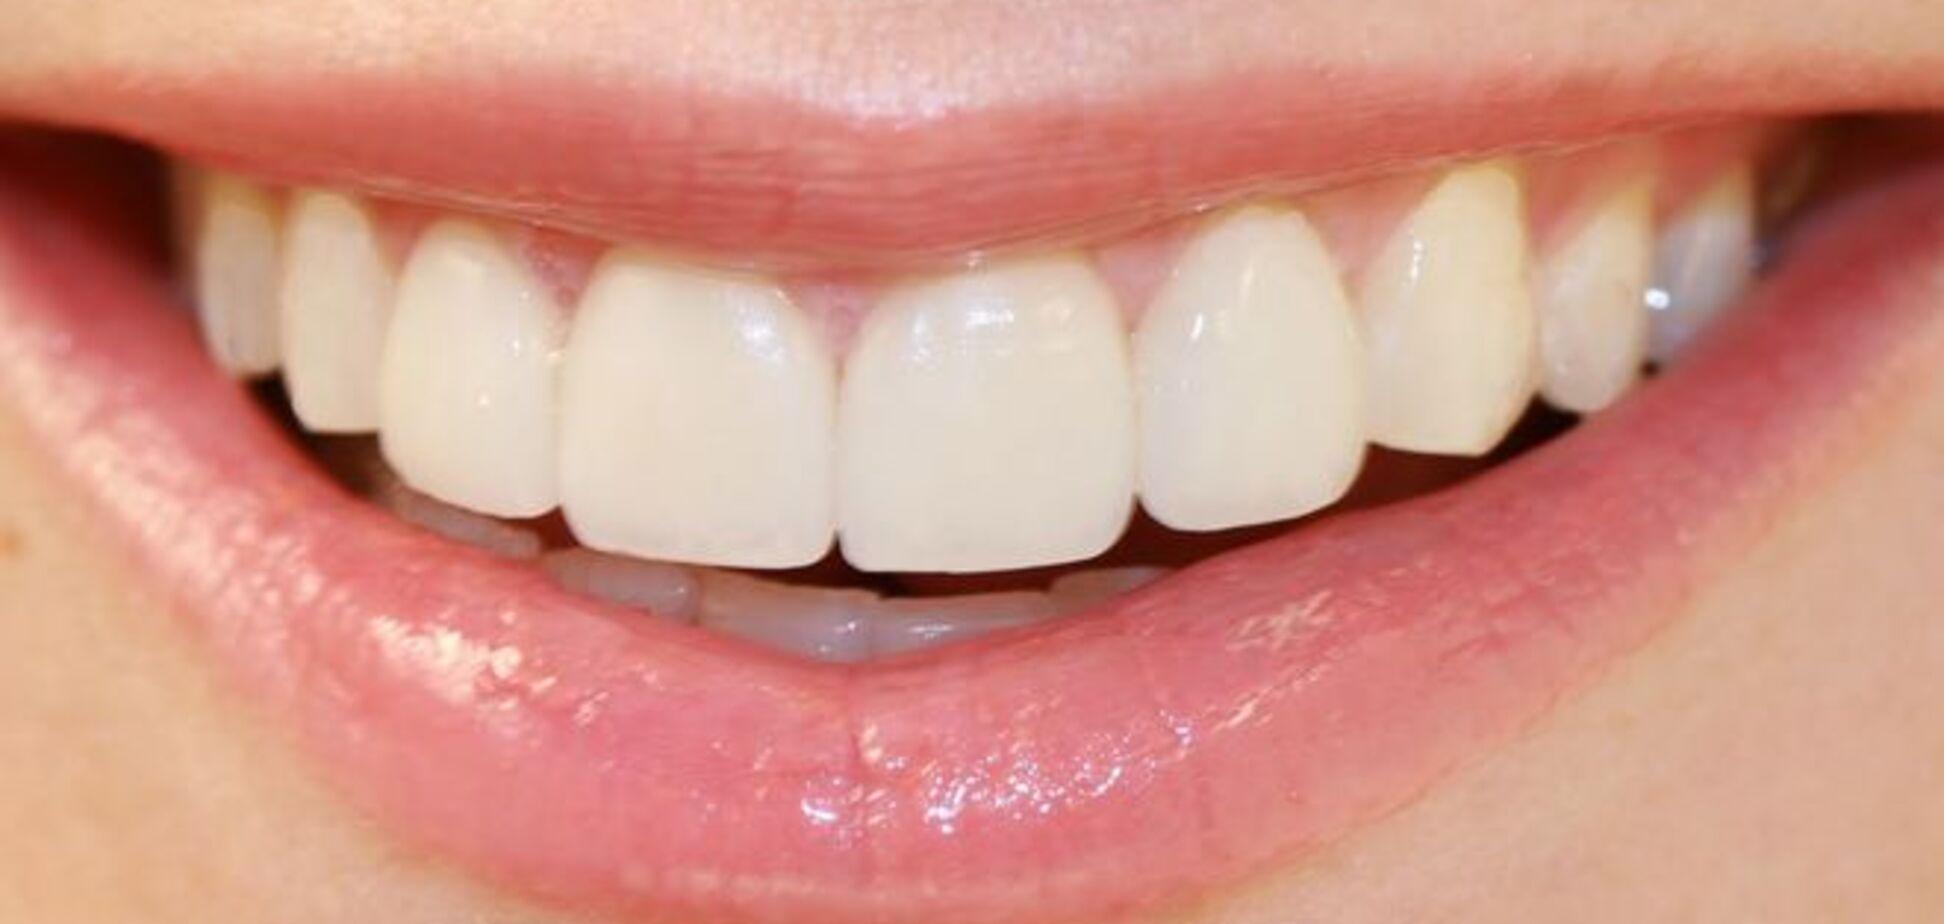 Названы 7 продуктов, опасных для здоровья зубов